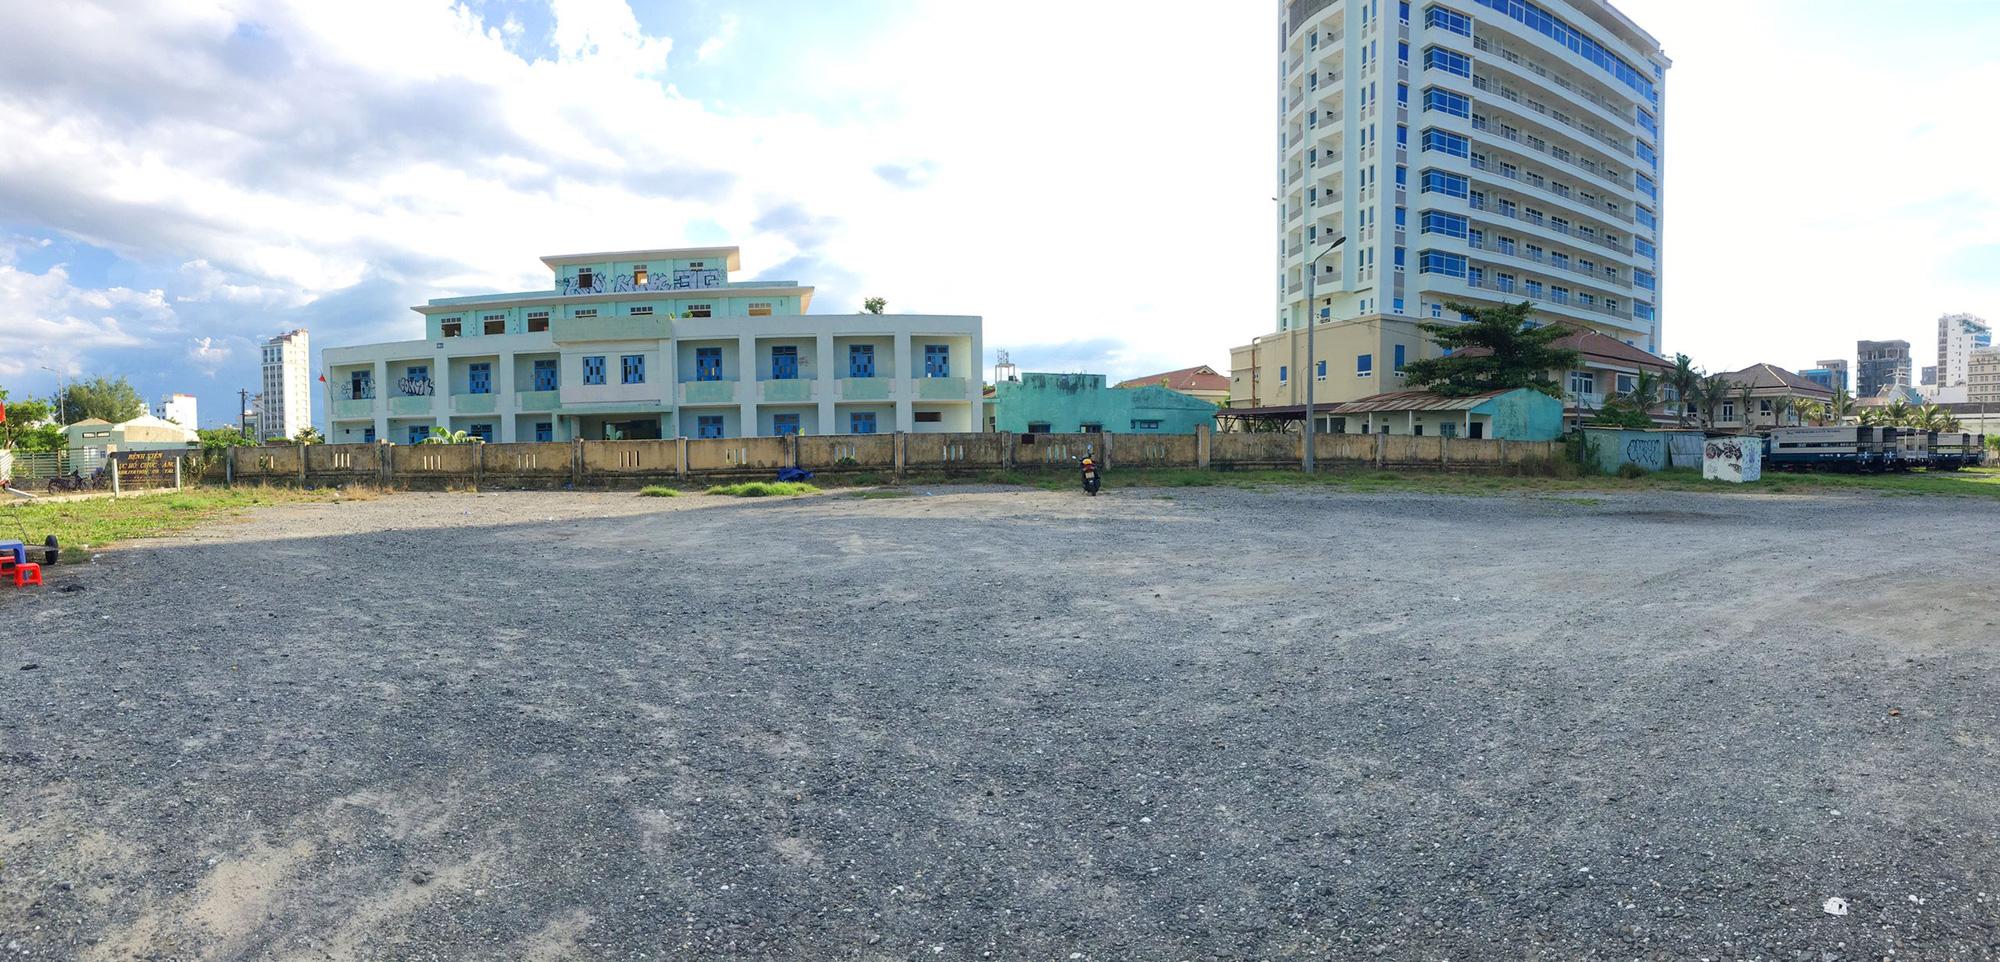 Cận cảnh hai khu đất sát bãi biển Mỹ Khê đẹp nhất Đà Nẵng sẽ đấu giá làm bãi đỗ xe - Ảnh 8.